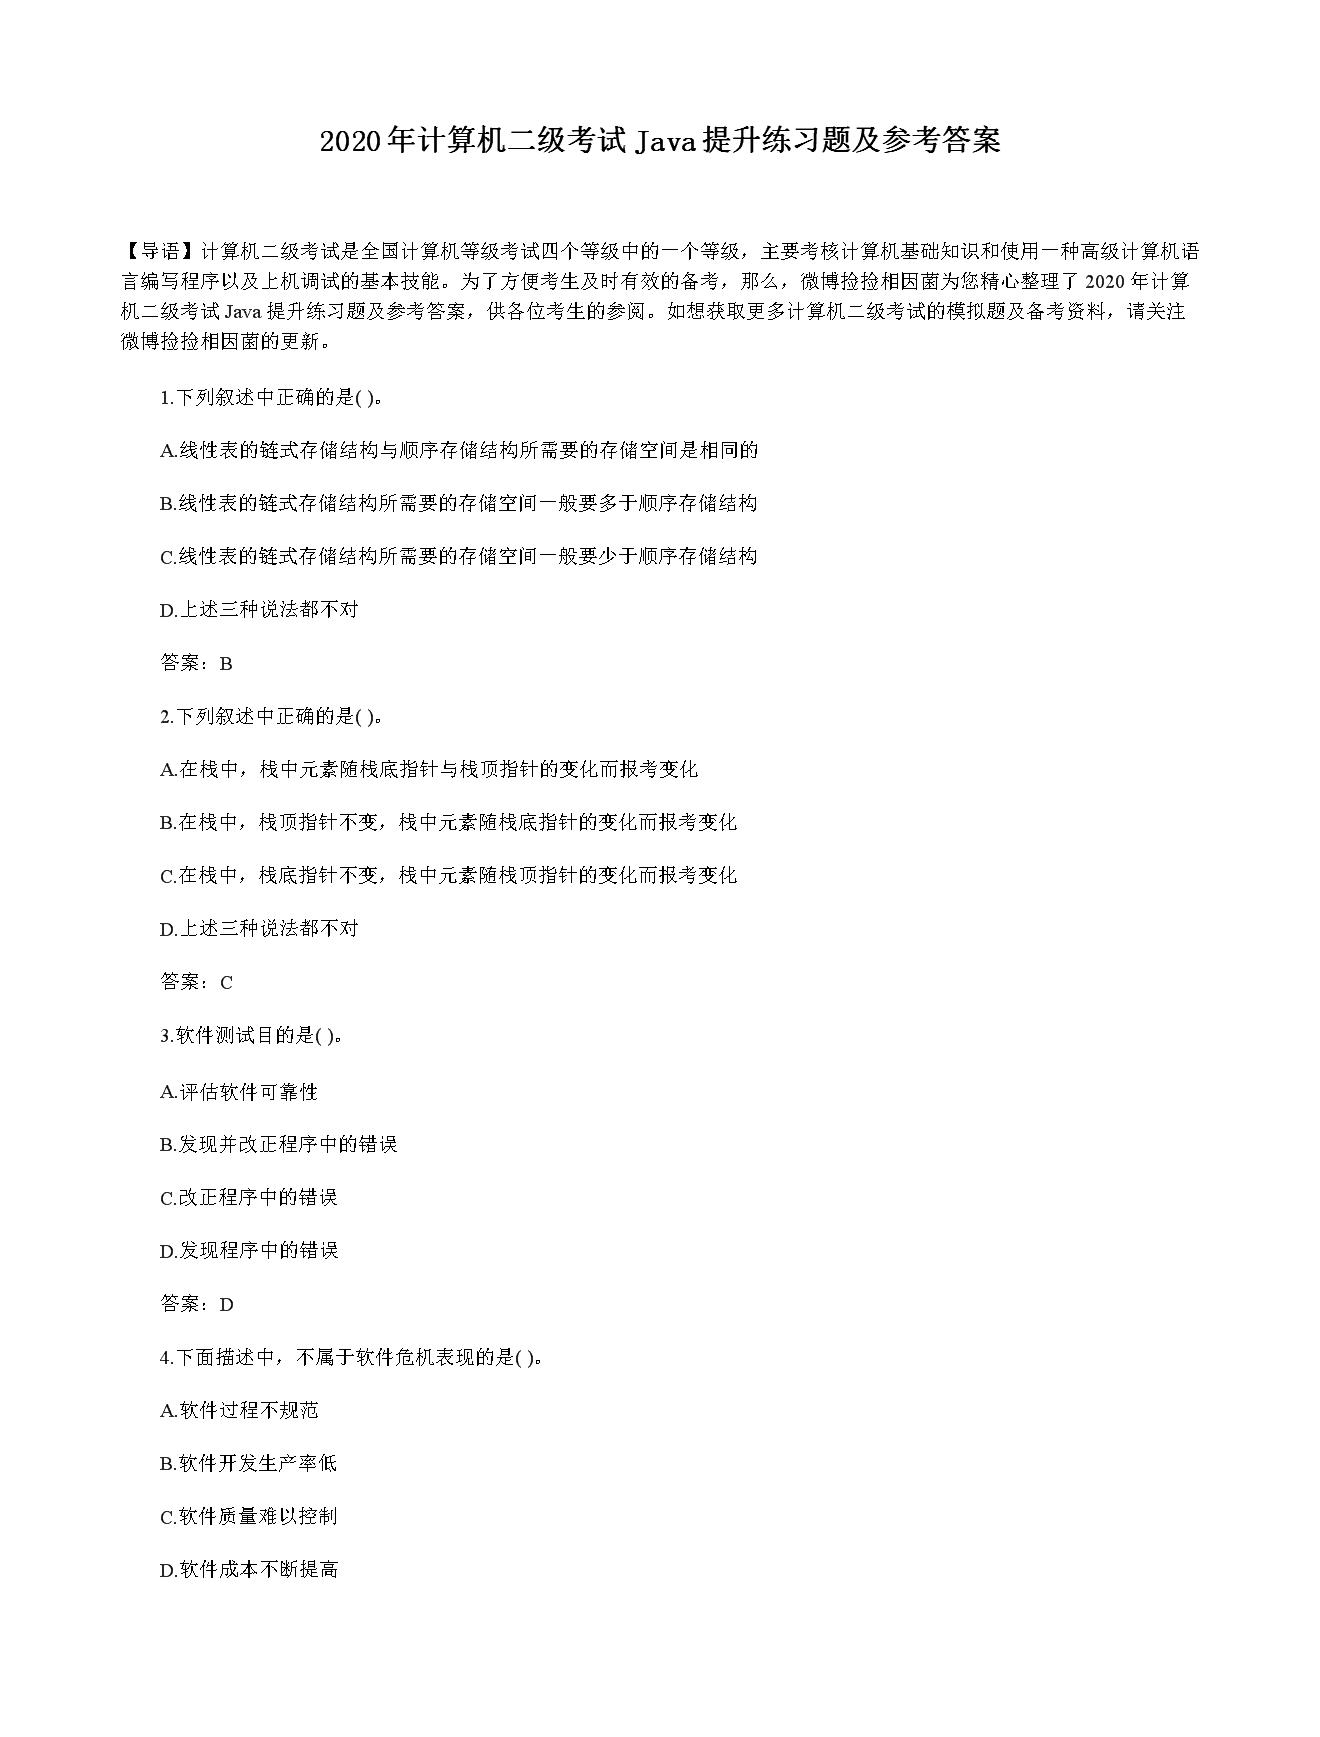 2020年计算机二级考试Java提升练习题及参考答案.doc